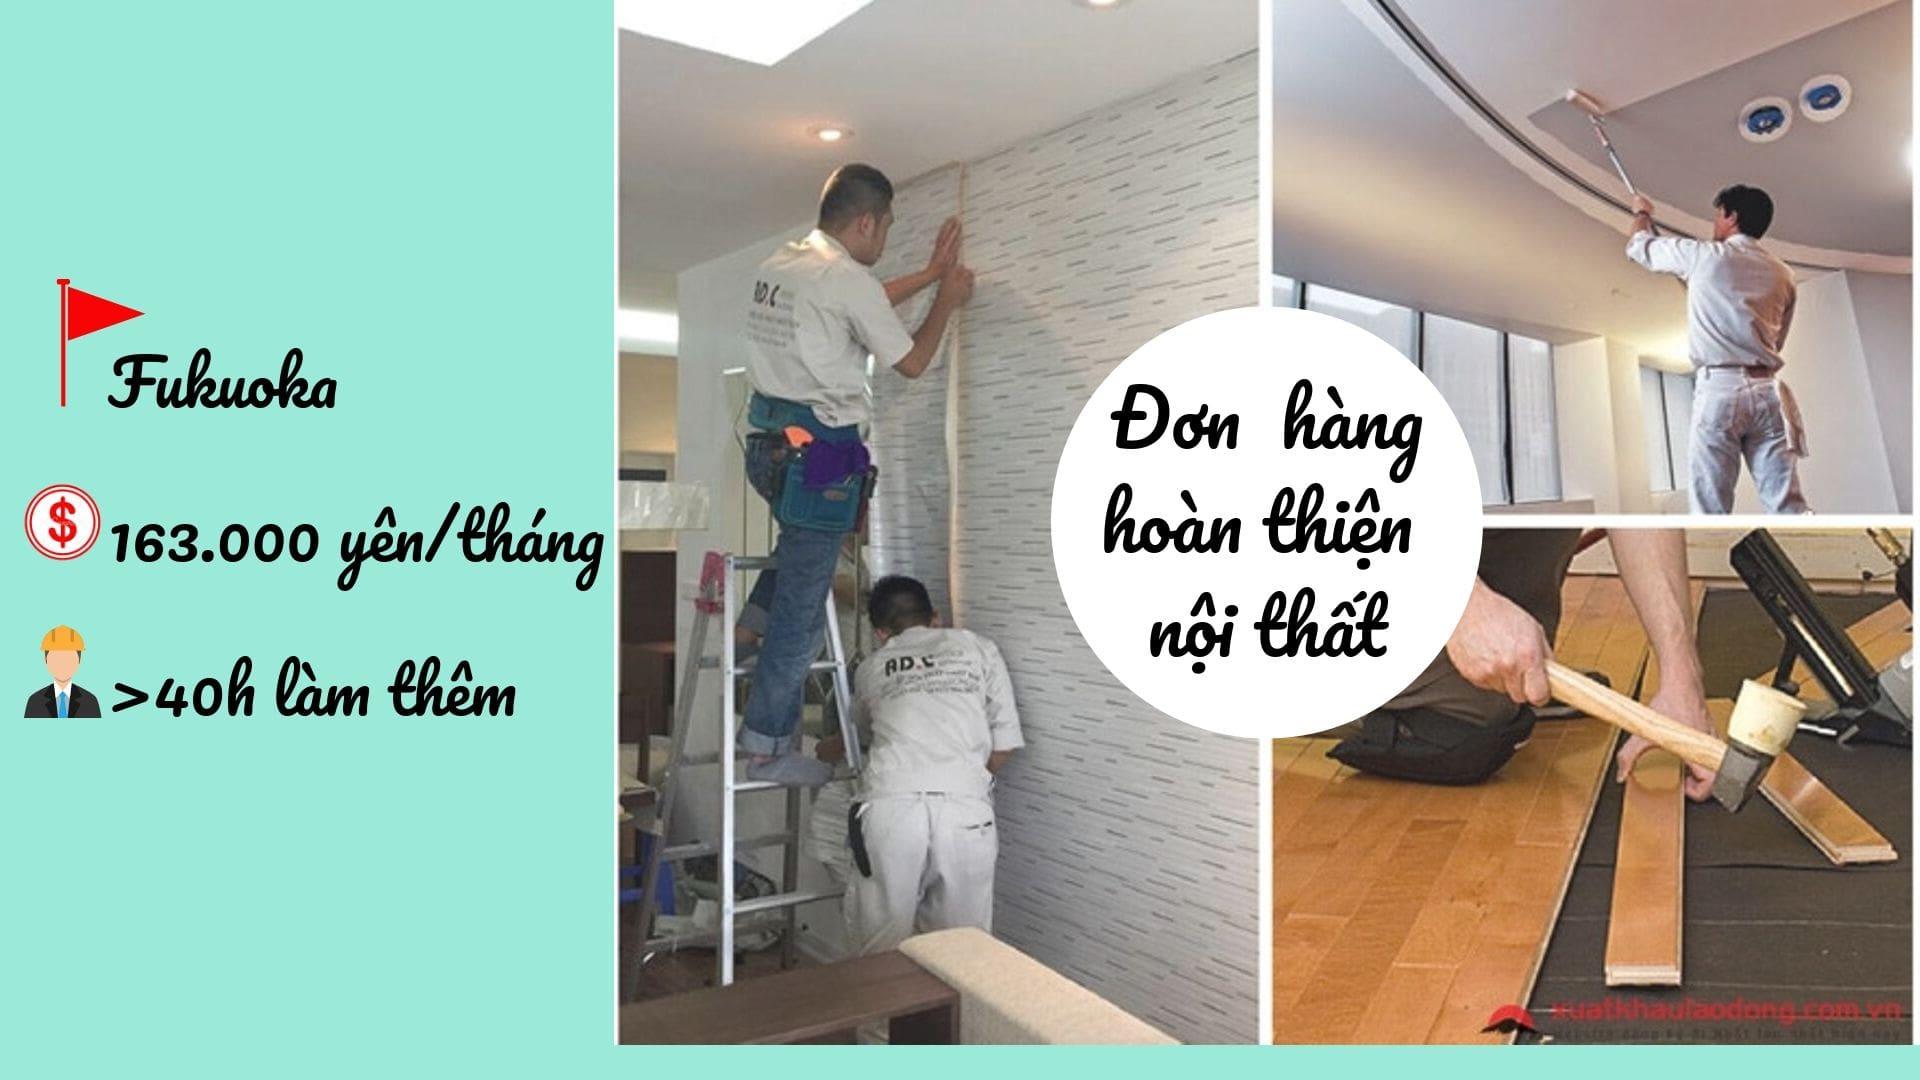 Đơn hàng hoàn thiện nội thất tại Fukuoka, việc nhàn lương cao cho nam giới